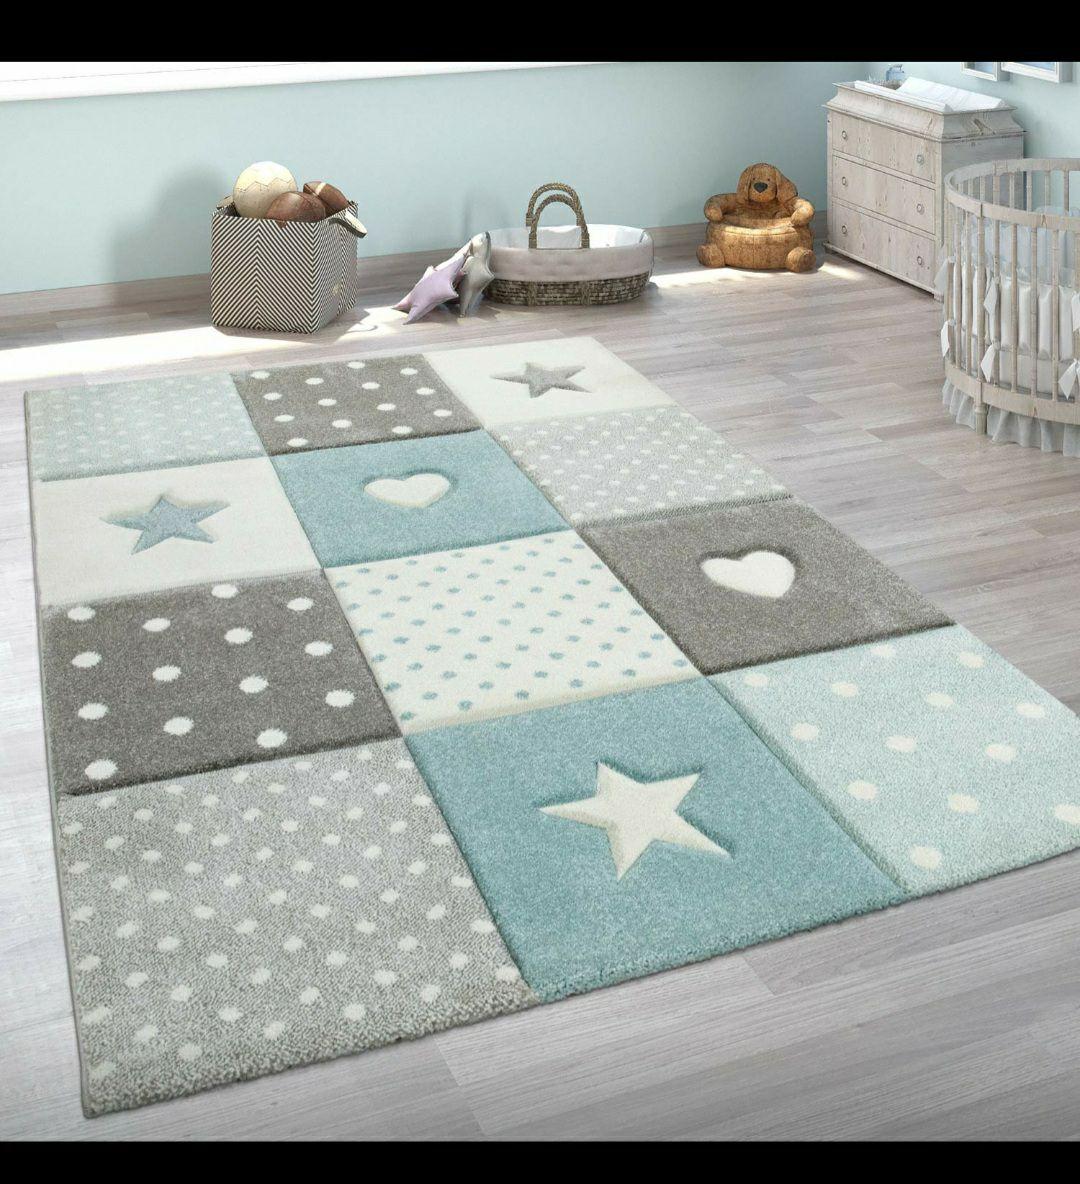 Schöne Teppiche von Paco Home, Kinderteppich 120cm x 170cm